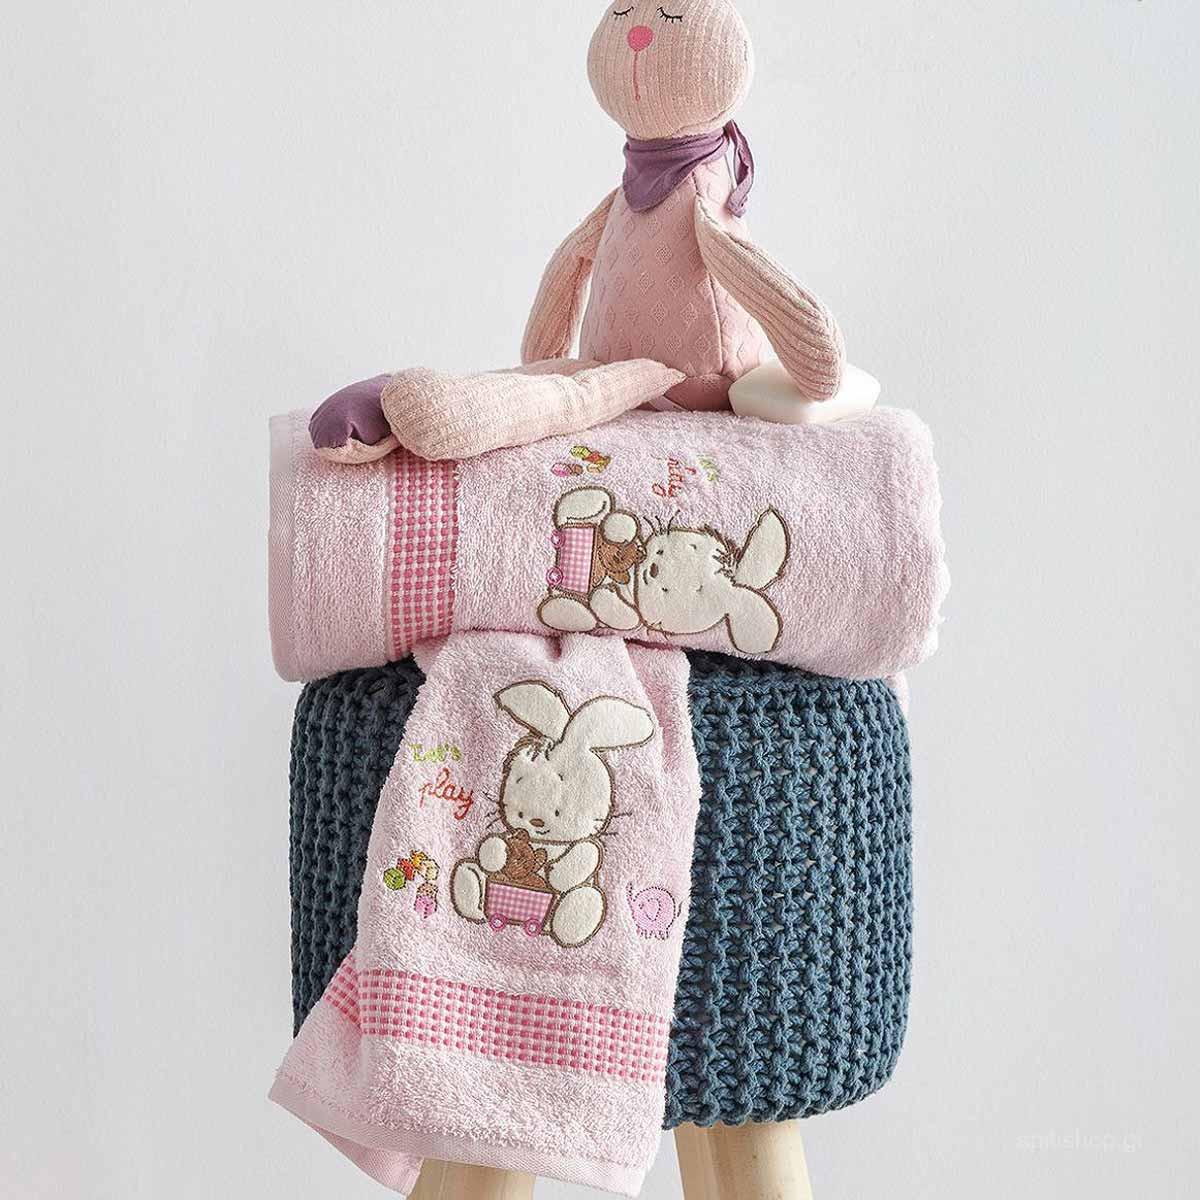 Βρεφικές Πετσέτες (Σετ 2τμχ) Sb Home Bunny Pink